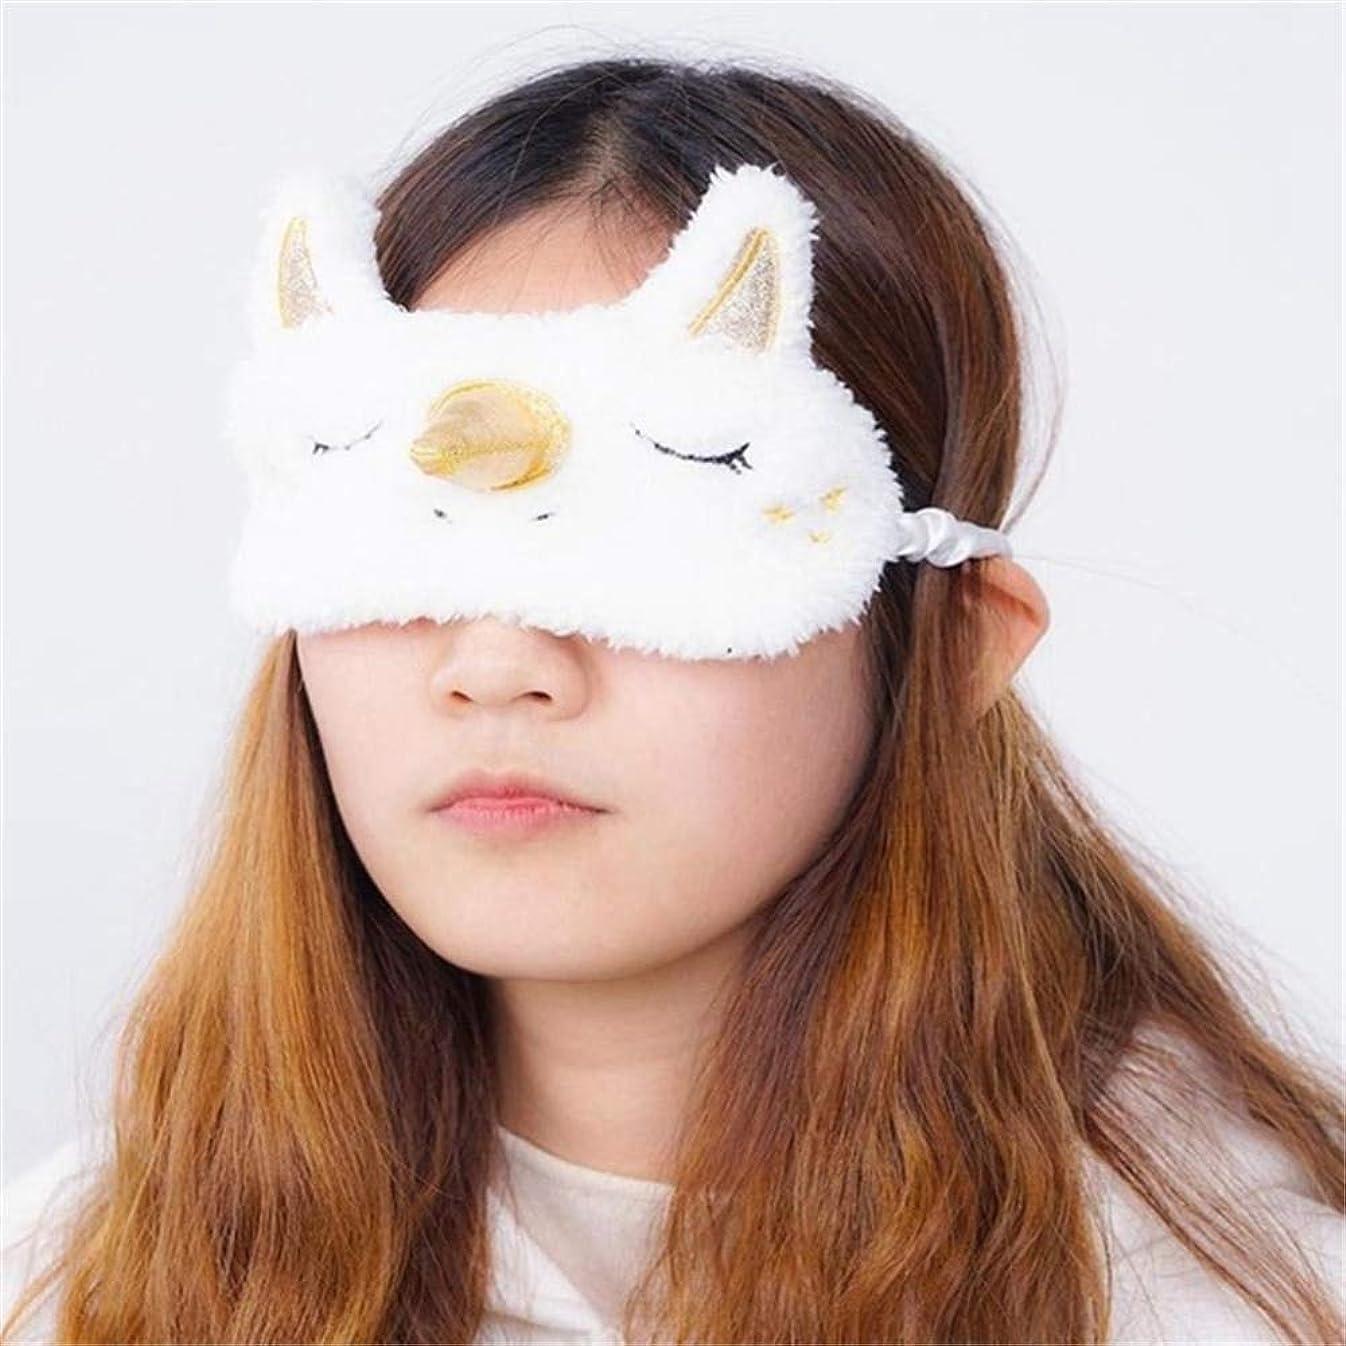 アコード法律同様にNOTE 1ピースユニコーンかわいい睡眠マスクアイシェードカバーパッチ用女の子子供ティーン目隠し旅行化粧アイケアツールナイトアクセサリー